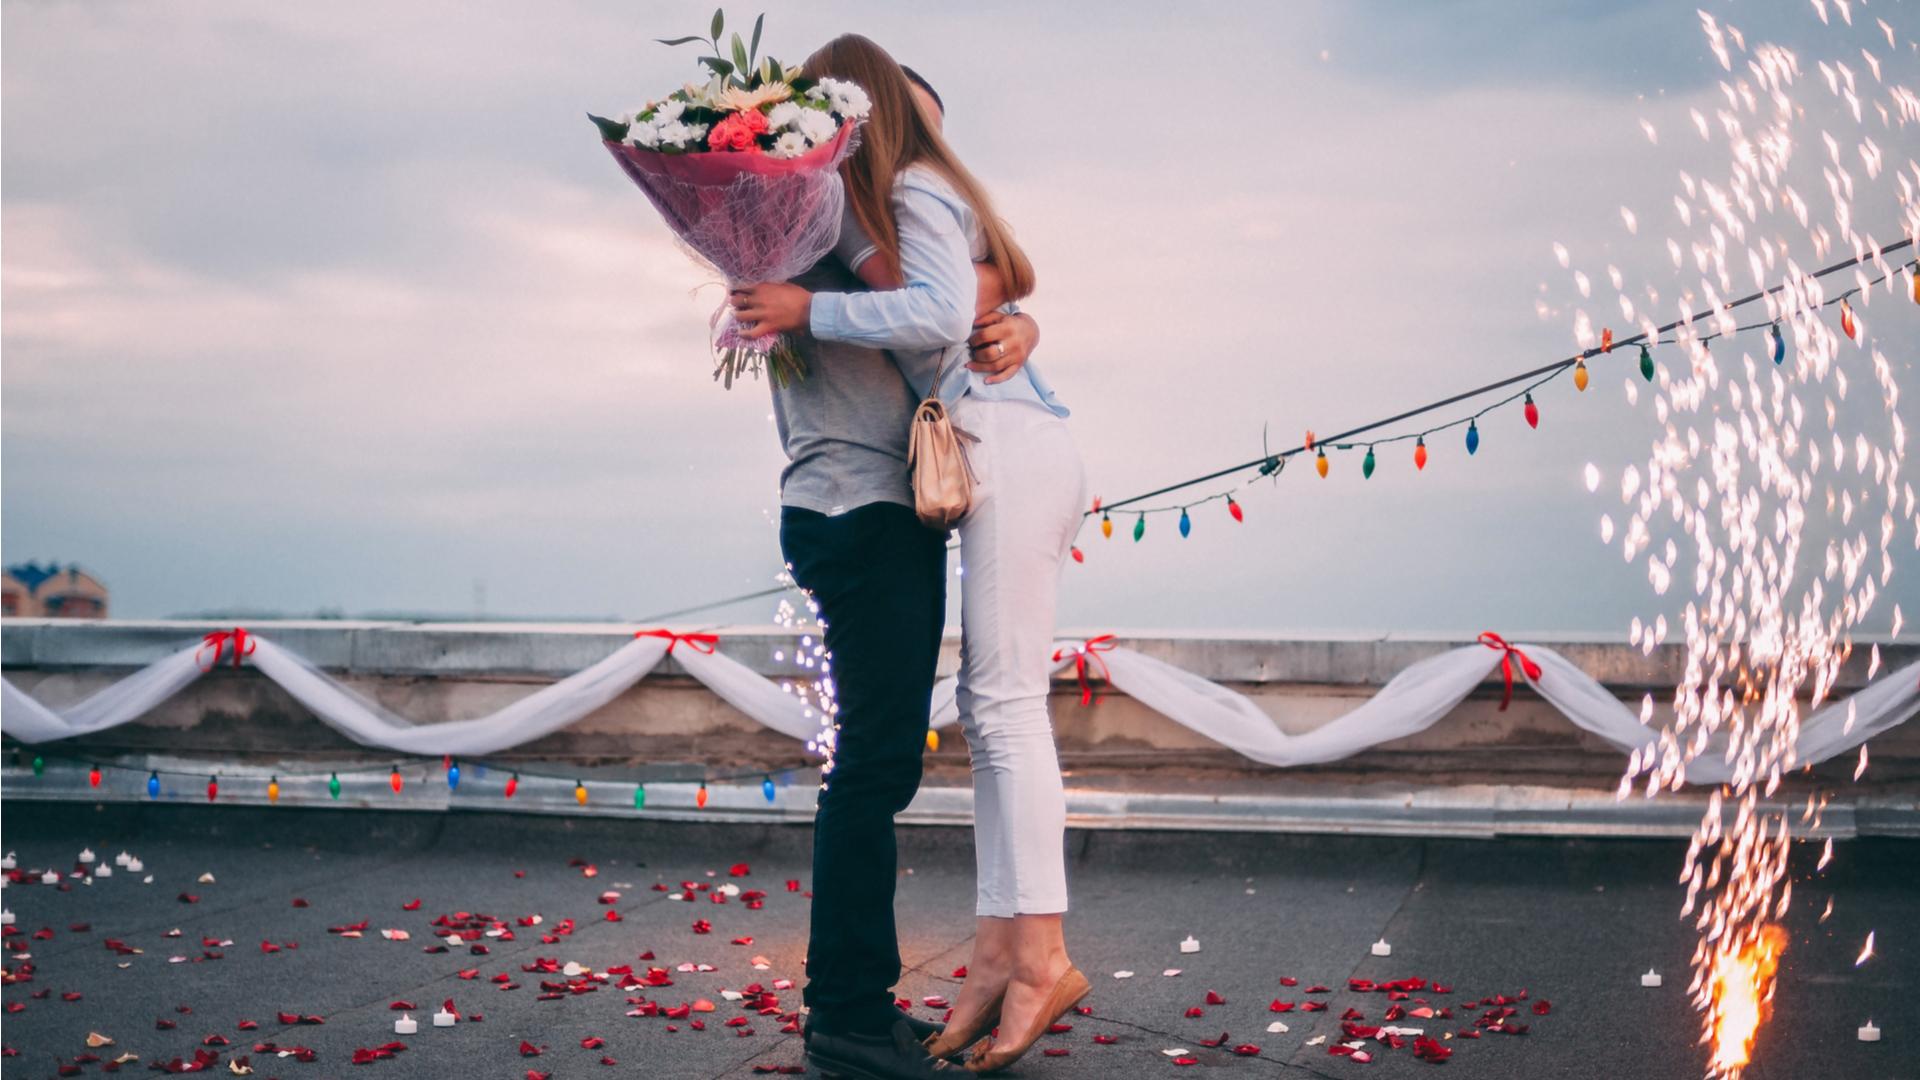 結婚資金はいくら必要?気になるリアルな結婚費用